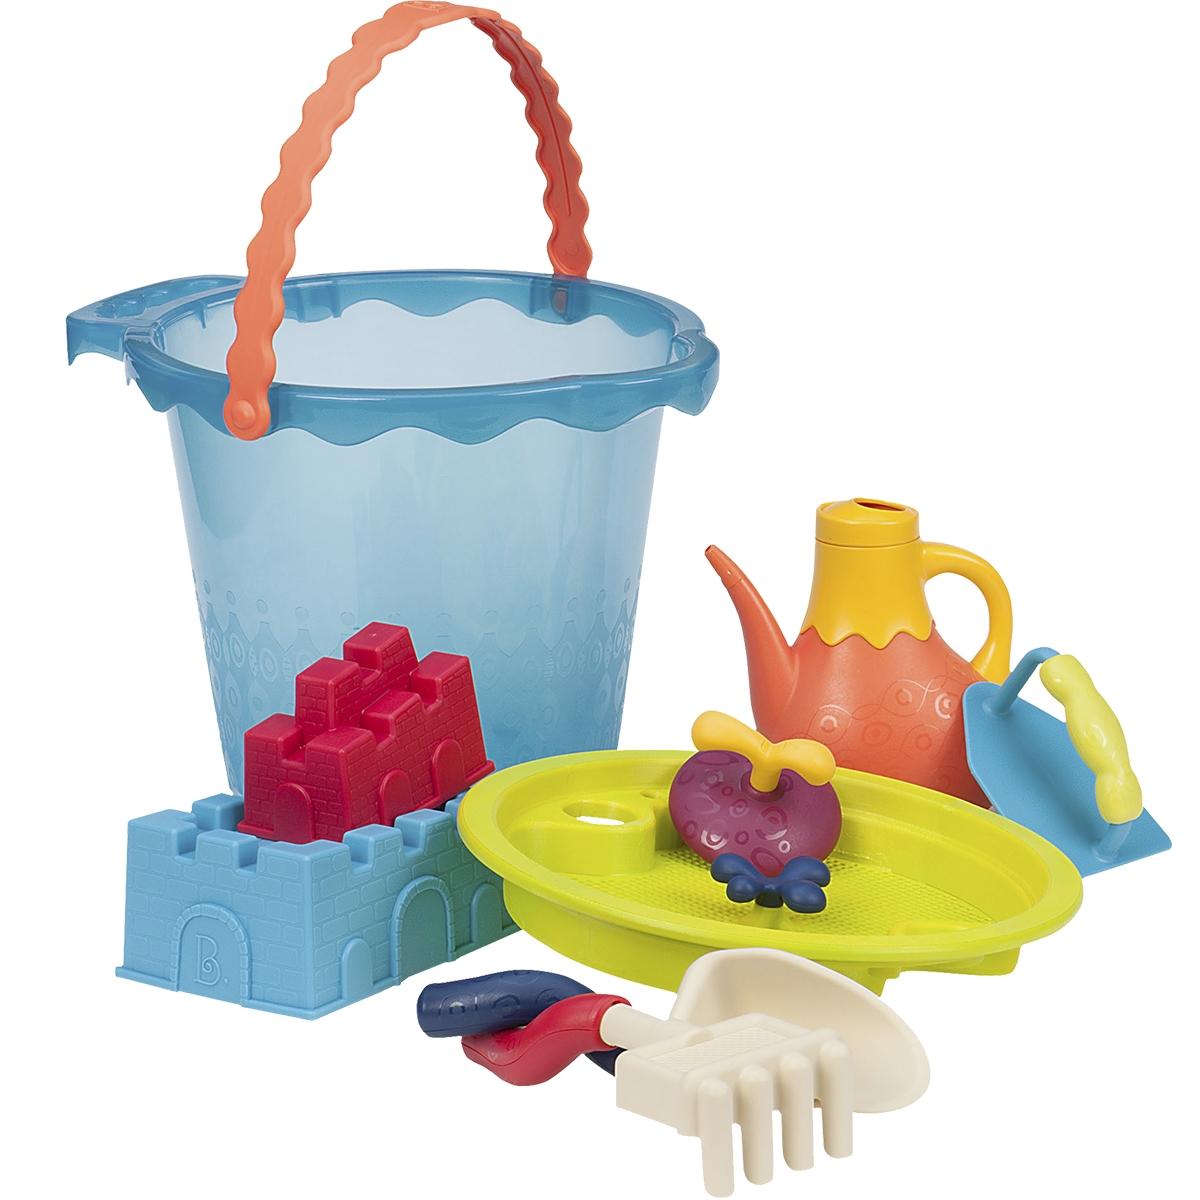 B.Summer Ведерко большое и игровой набор для песка Shore Thing 9 предметов